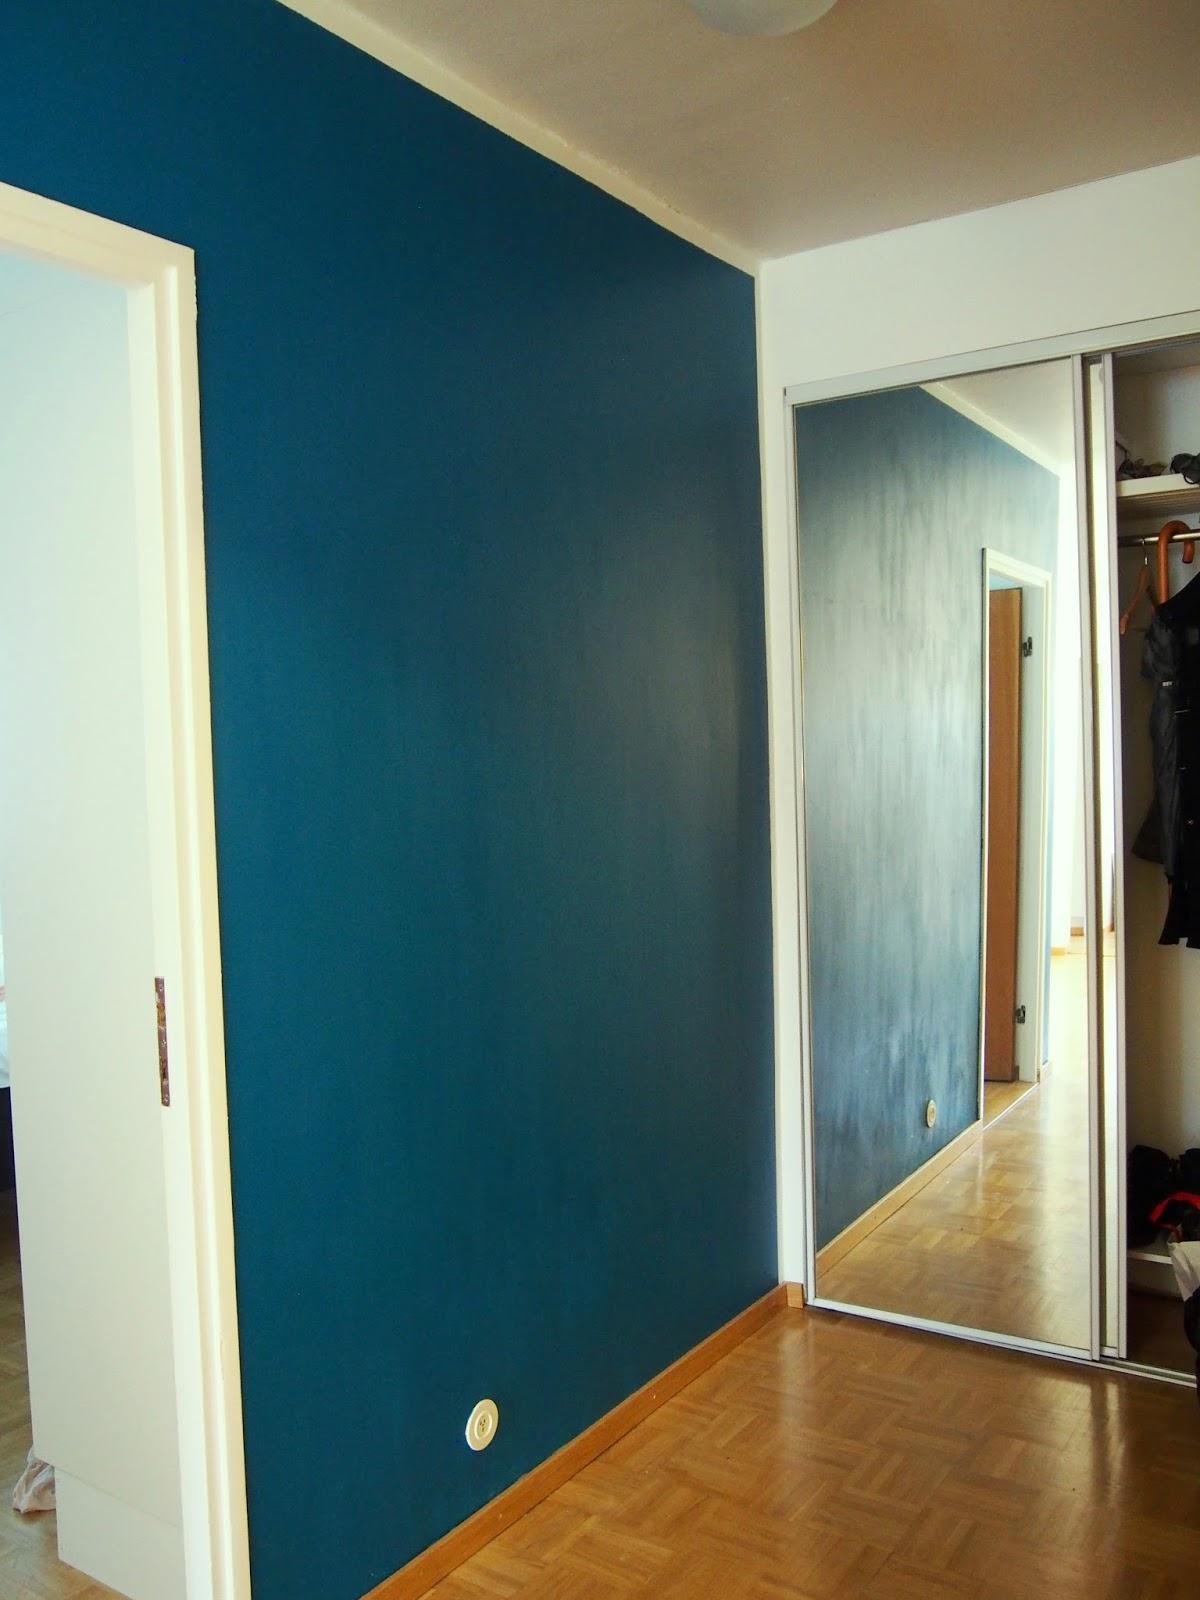 pertol blue petroli mosaikki sininen seinä wall maali paint